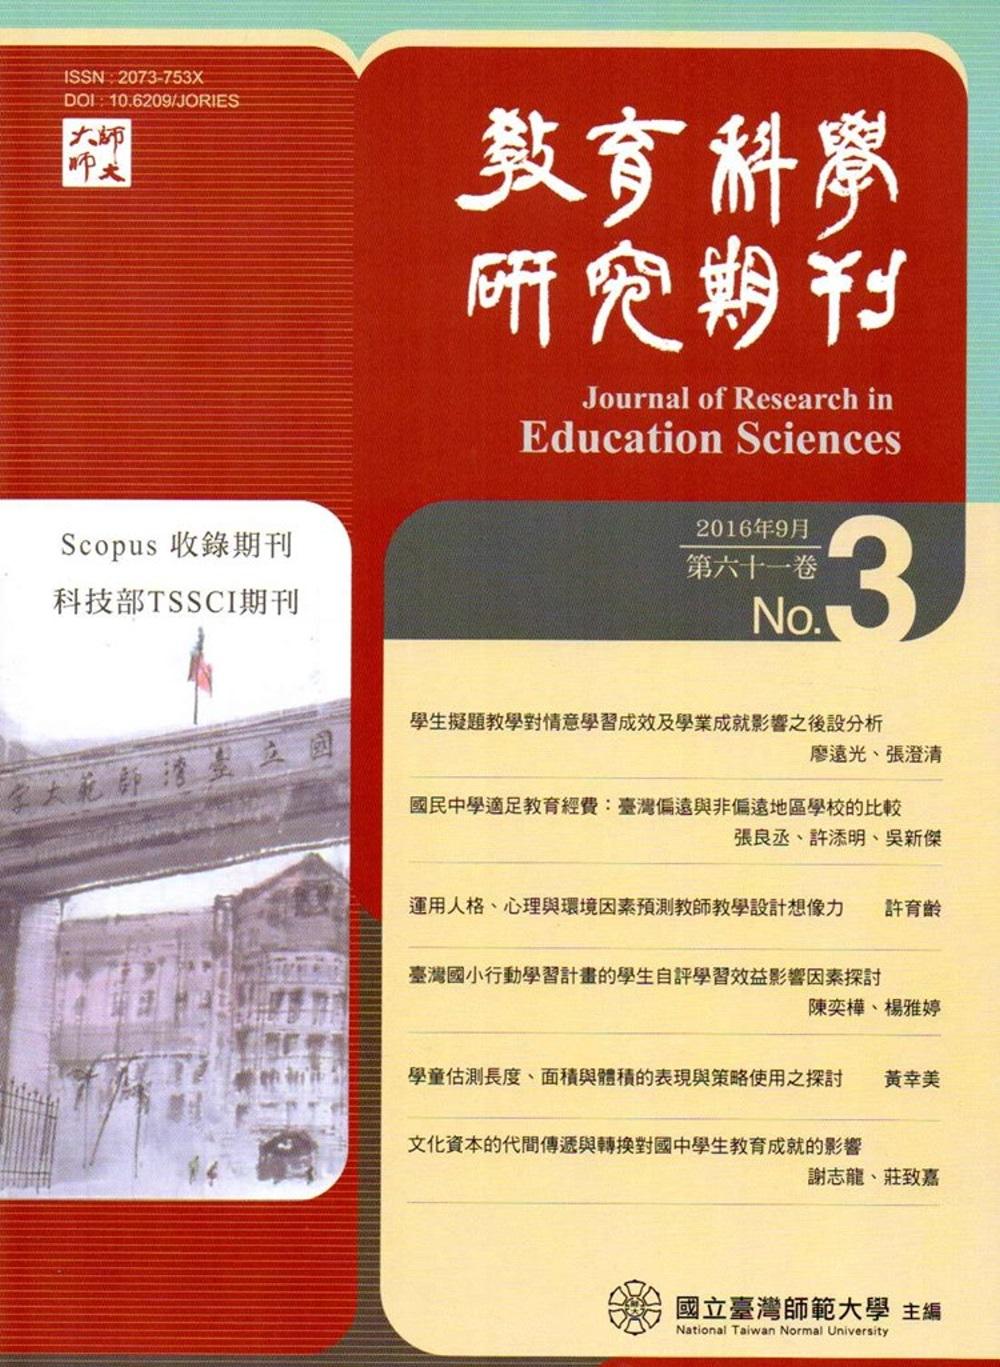 教育科學研究期刊第61卷第3期-2016.09